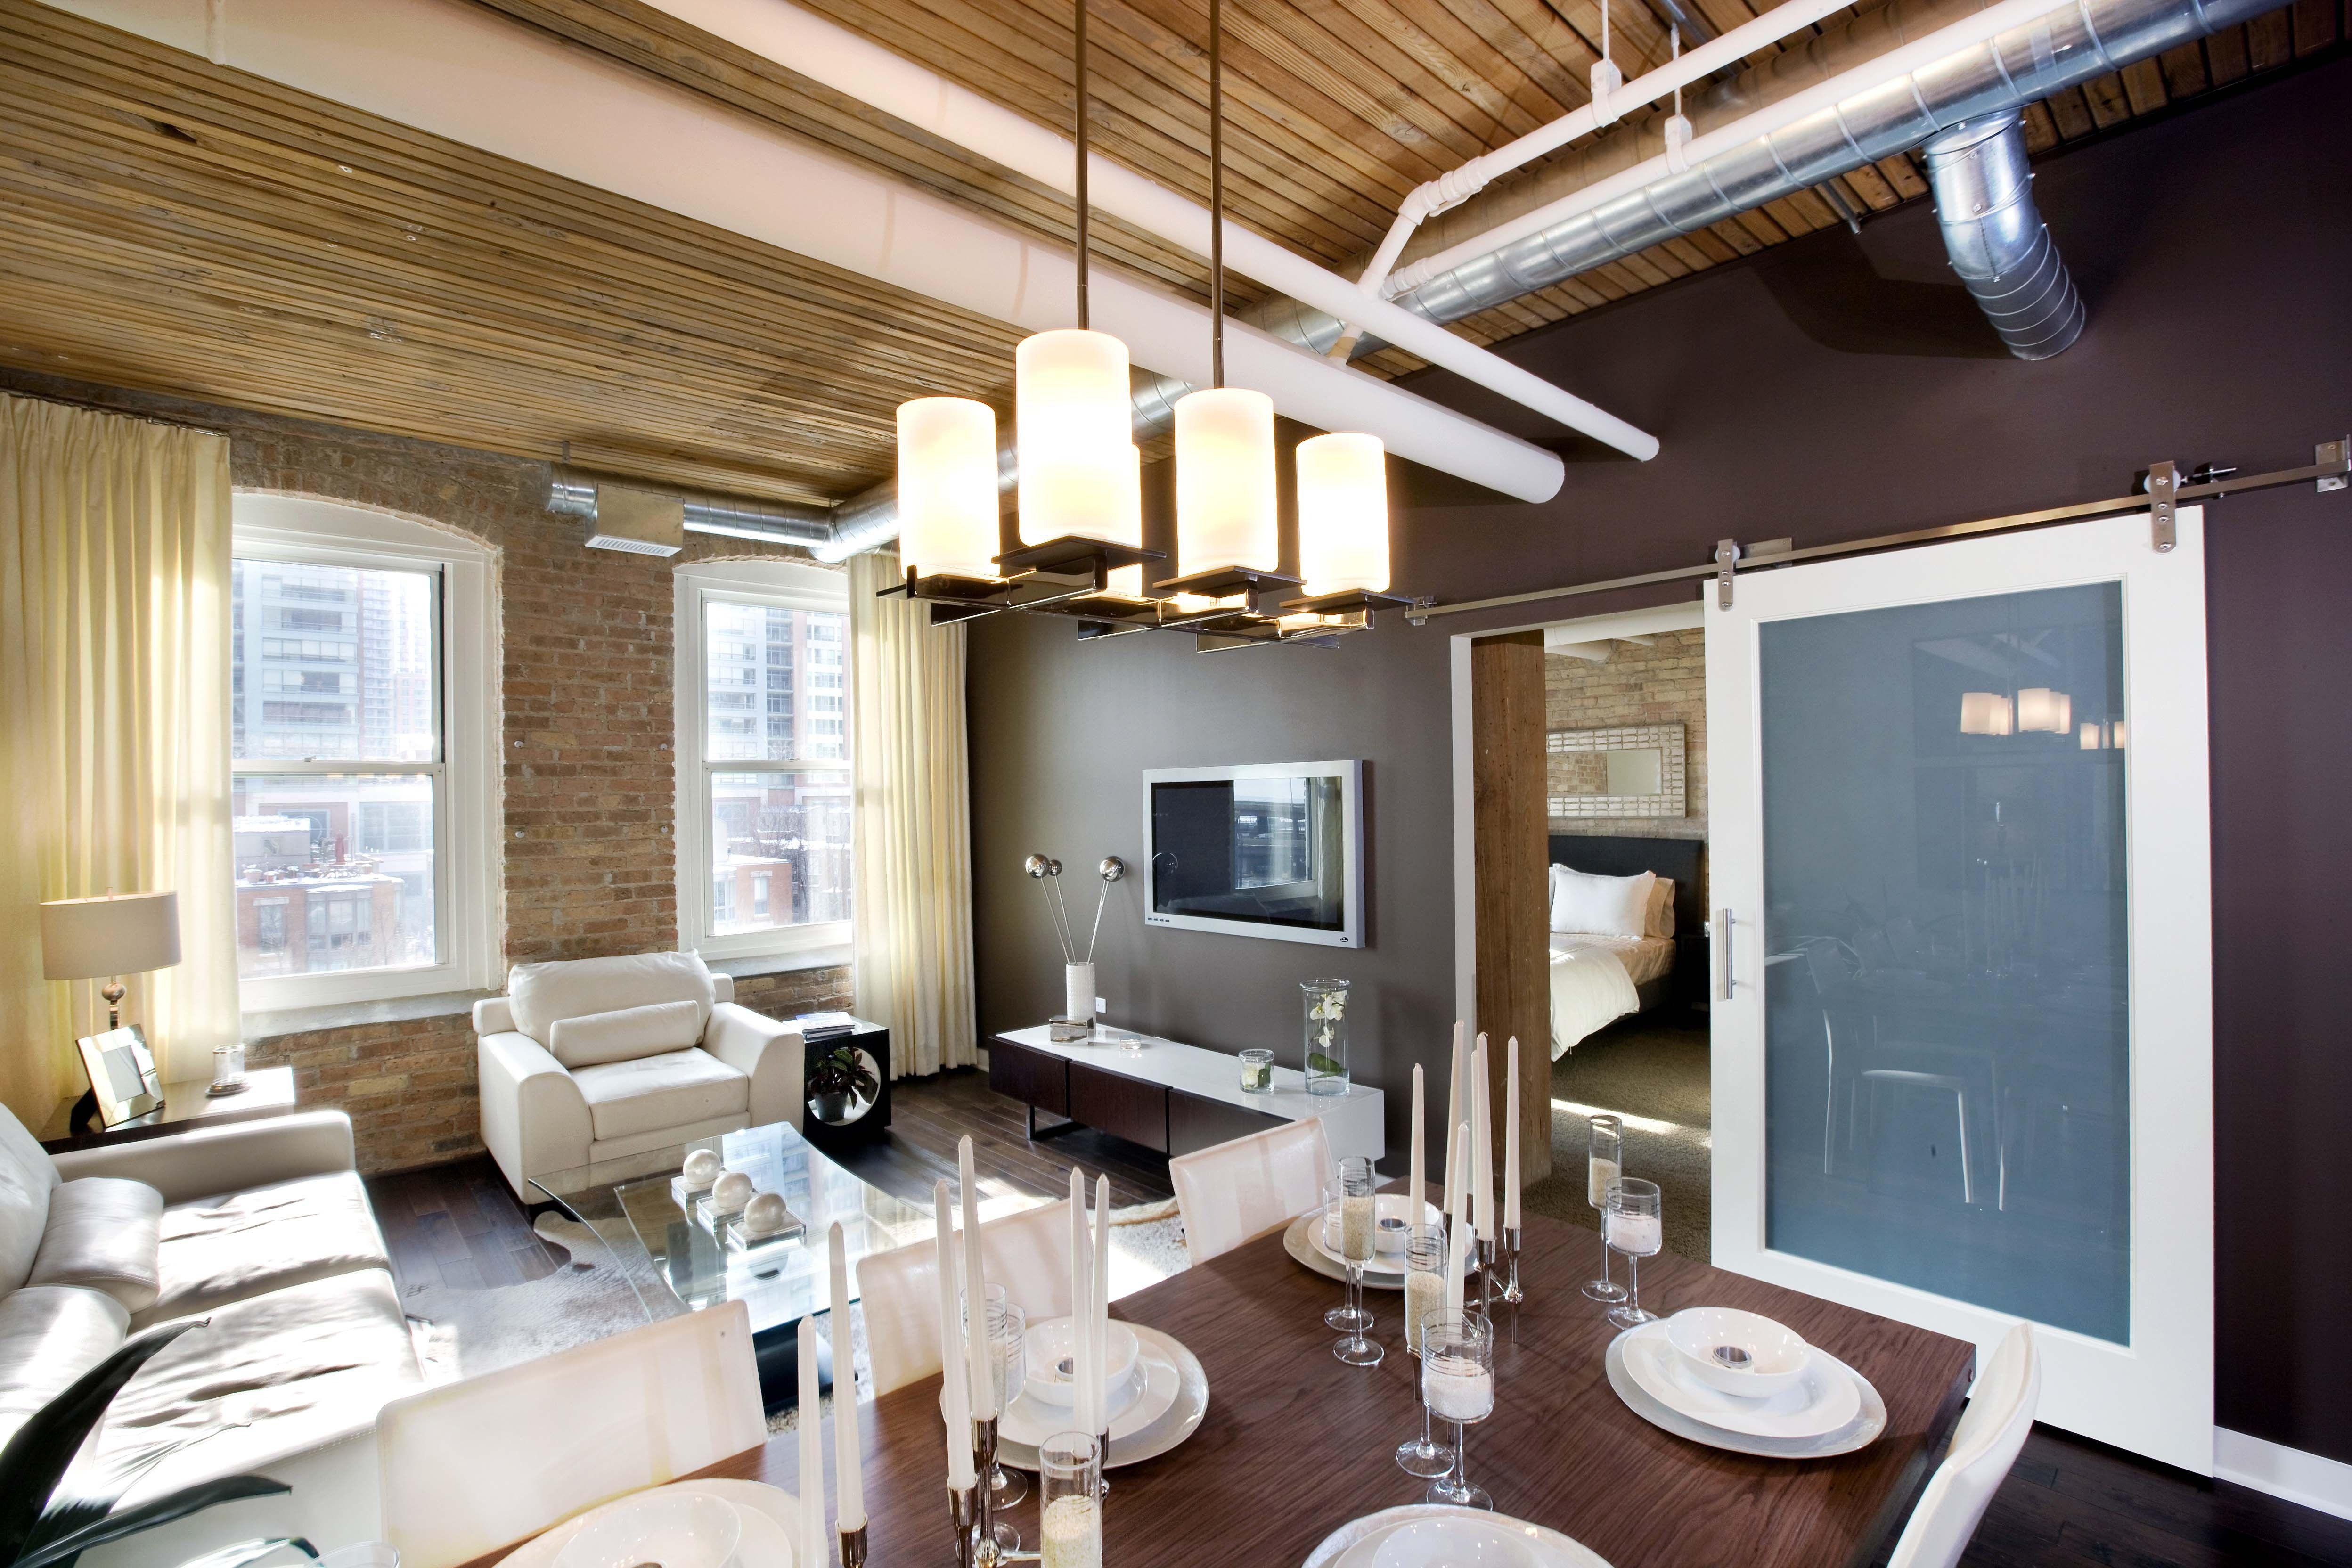 Tolle Küchendesigner Los Angeles Ca Galerie - Ideen Für Die Küche ...